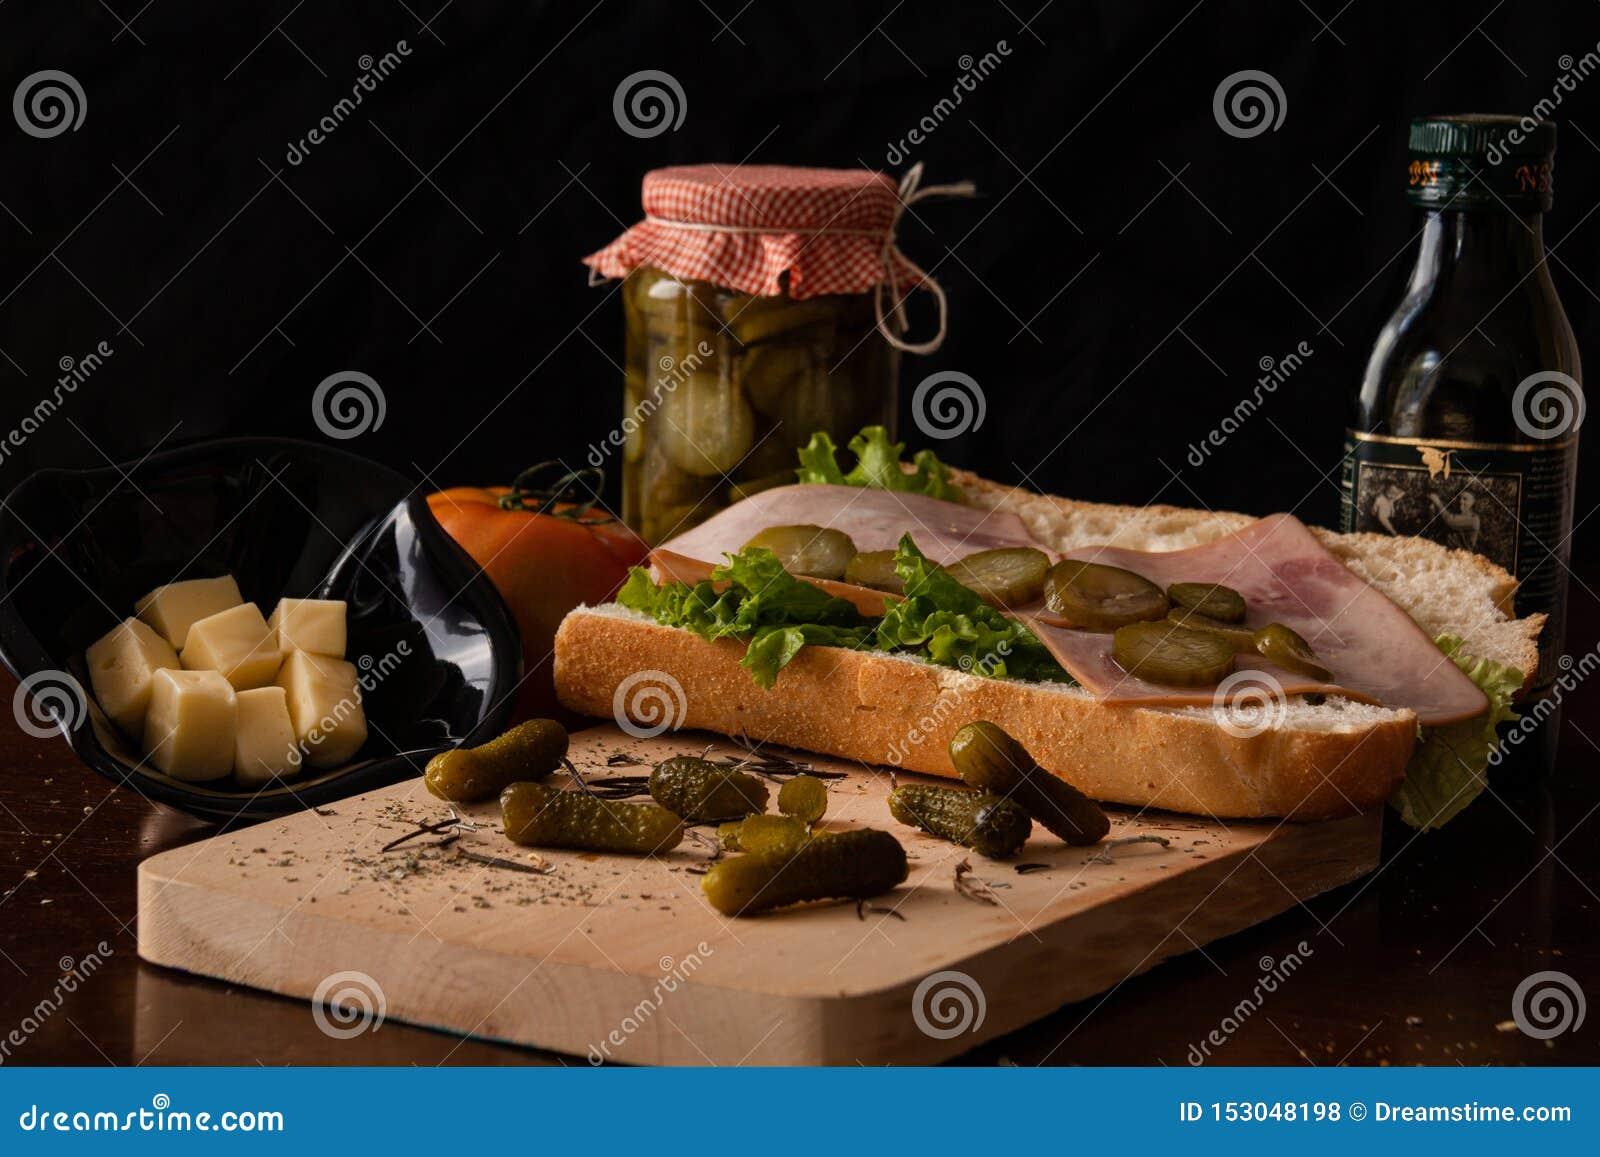 Zdrowa kanapka z niektóre serem i oliwą z oliwek